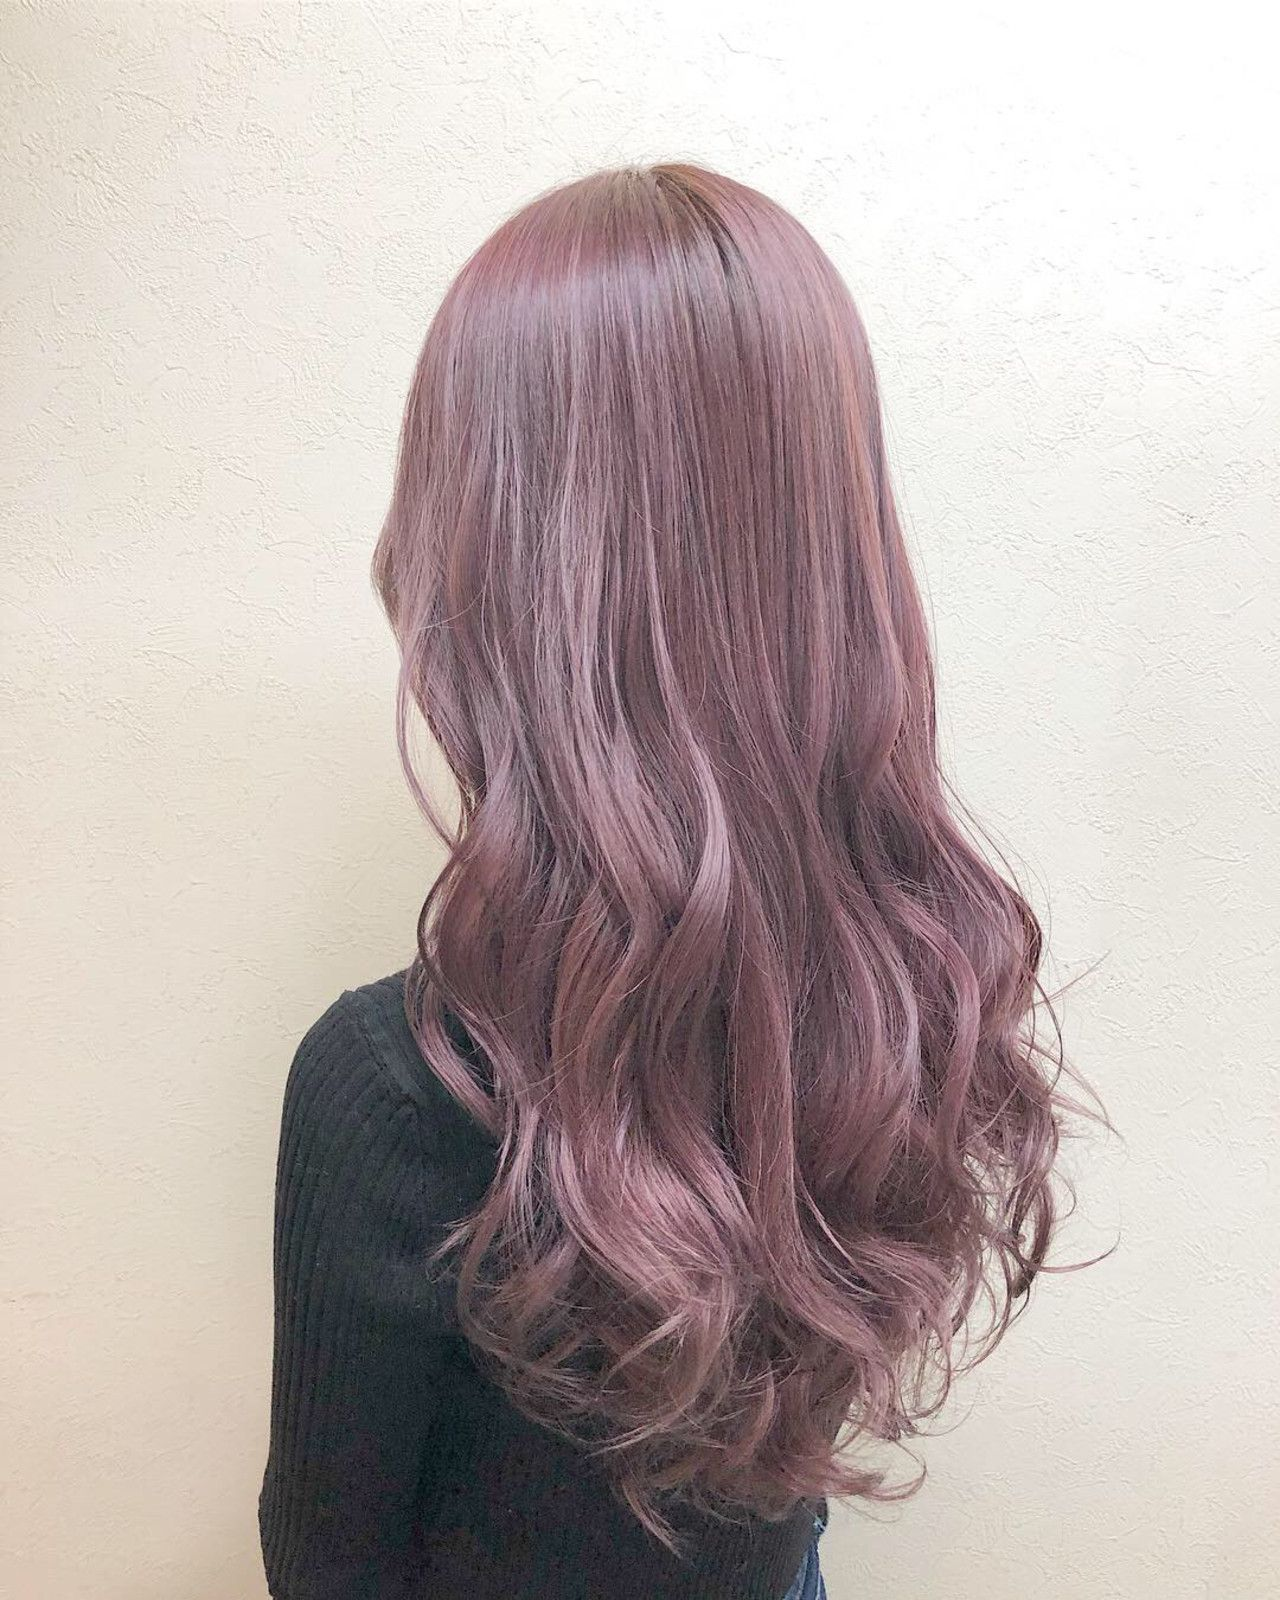 春のヘアカラーはピンクがかわいい モテ髪色レシピ集 Hair 髪色